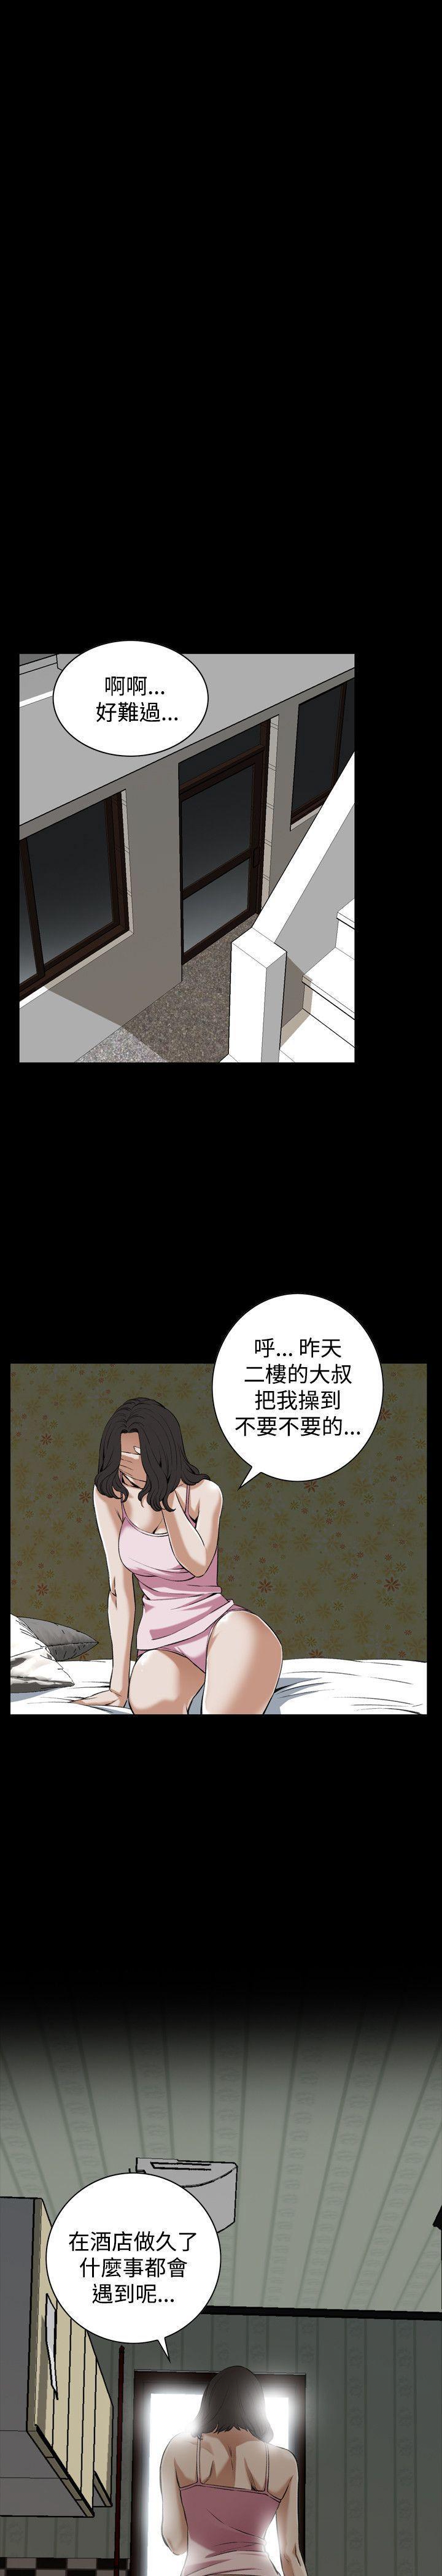 偷窥72-93 Chinese Rsiky 155